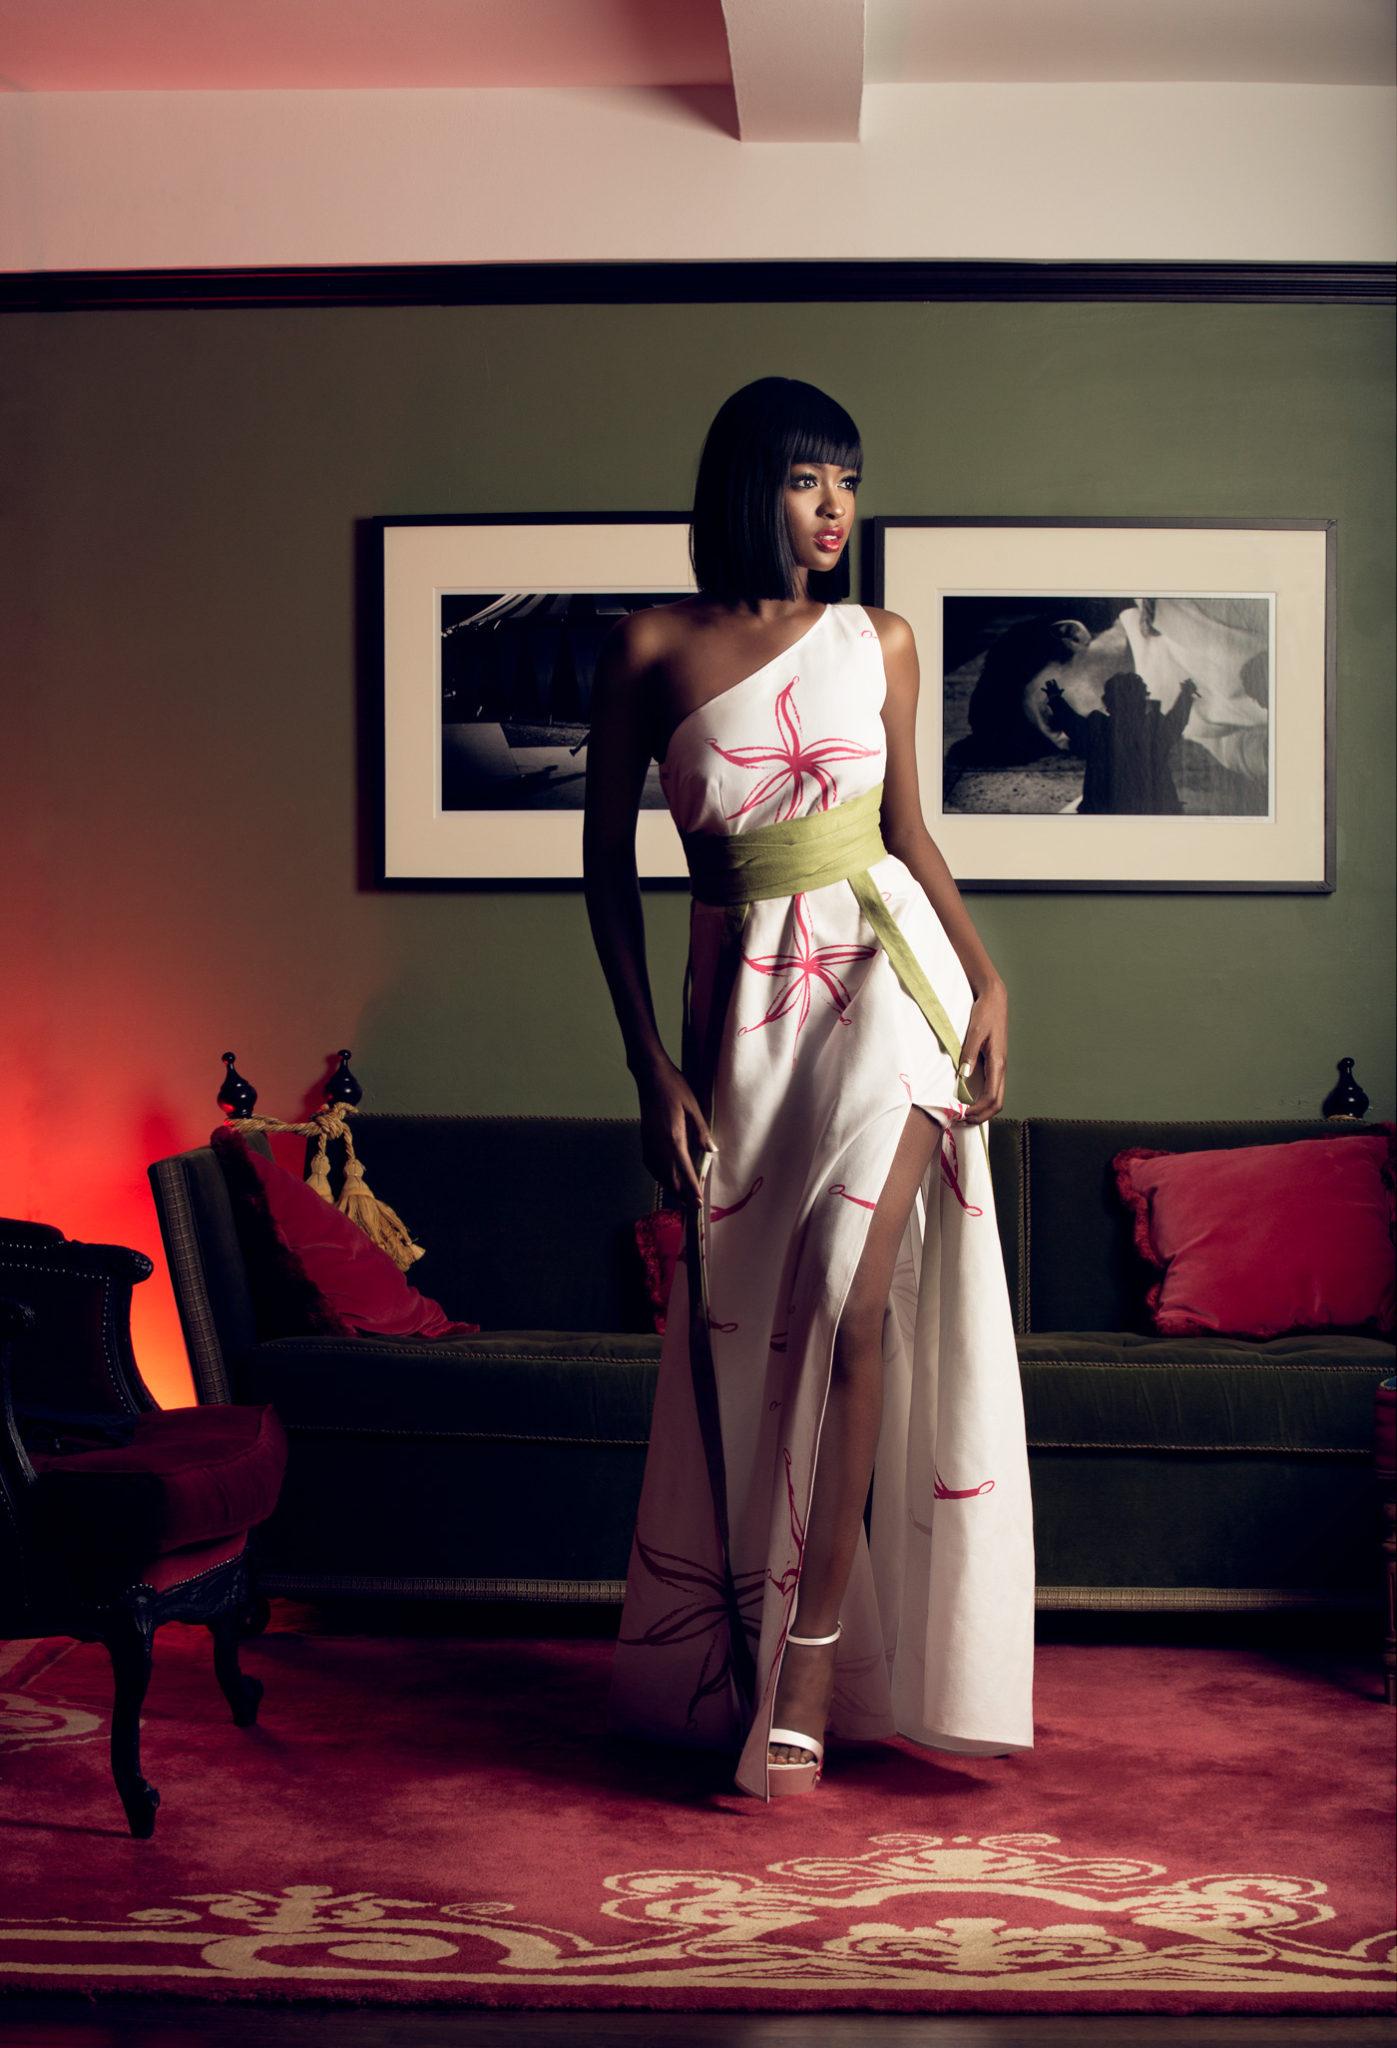 The Omalicha dress